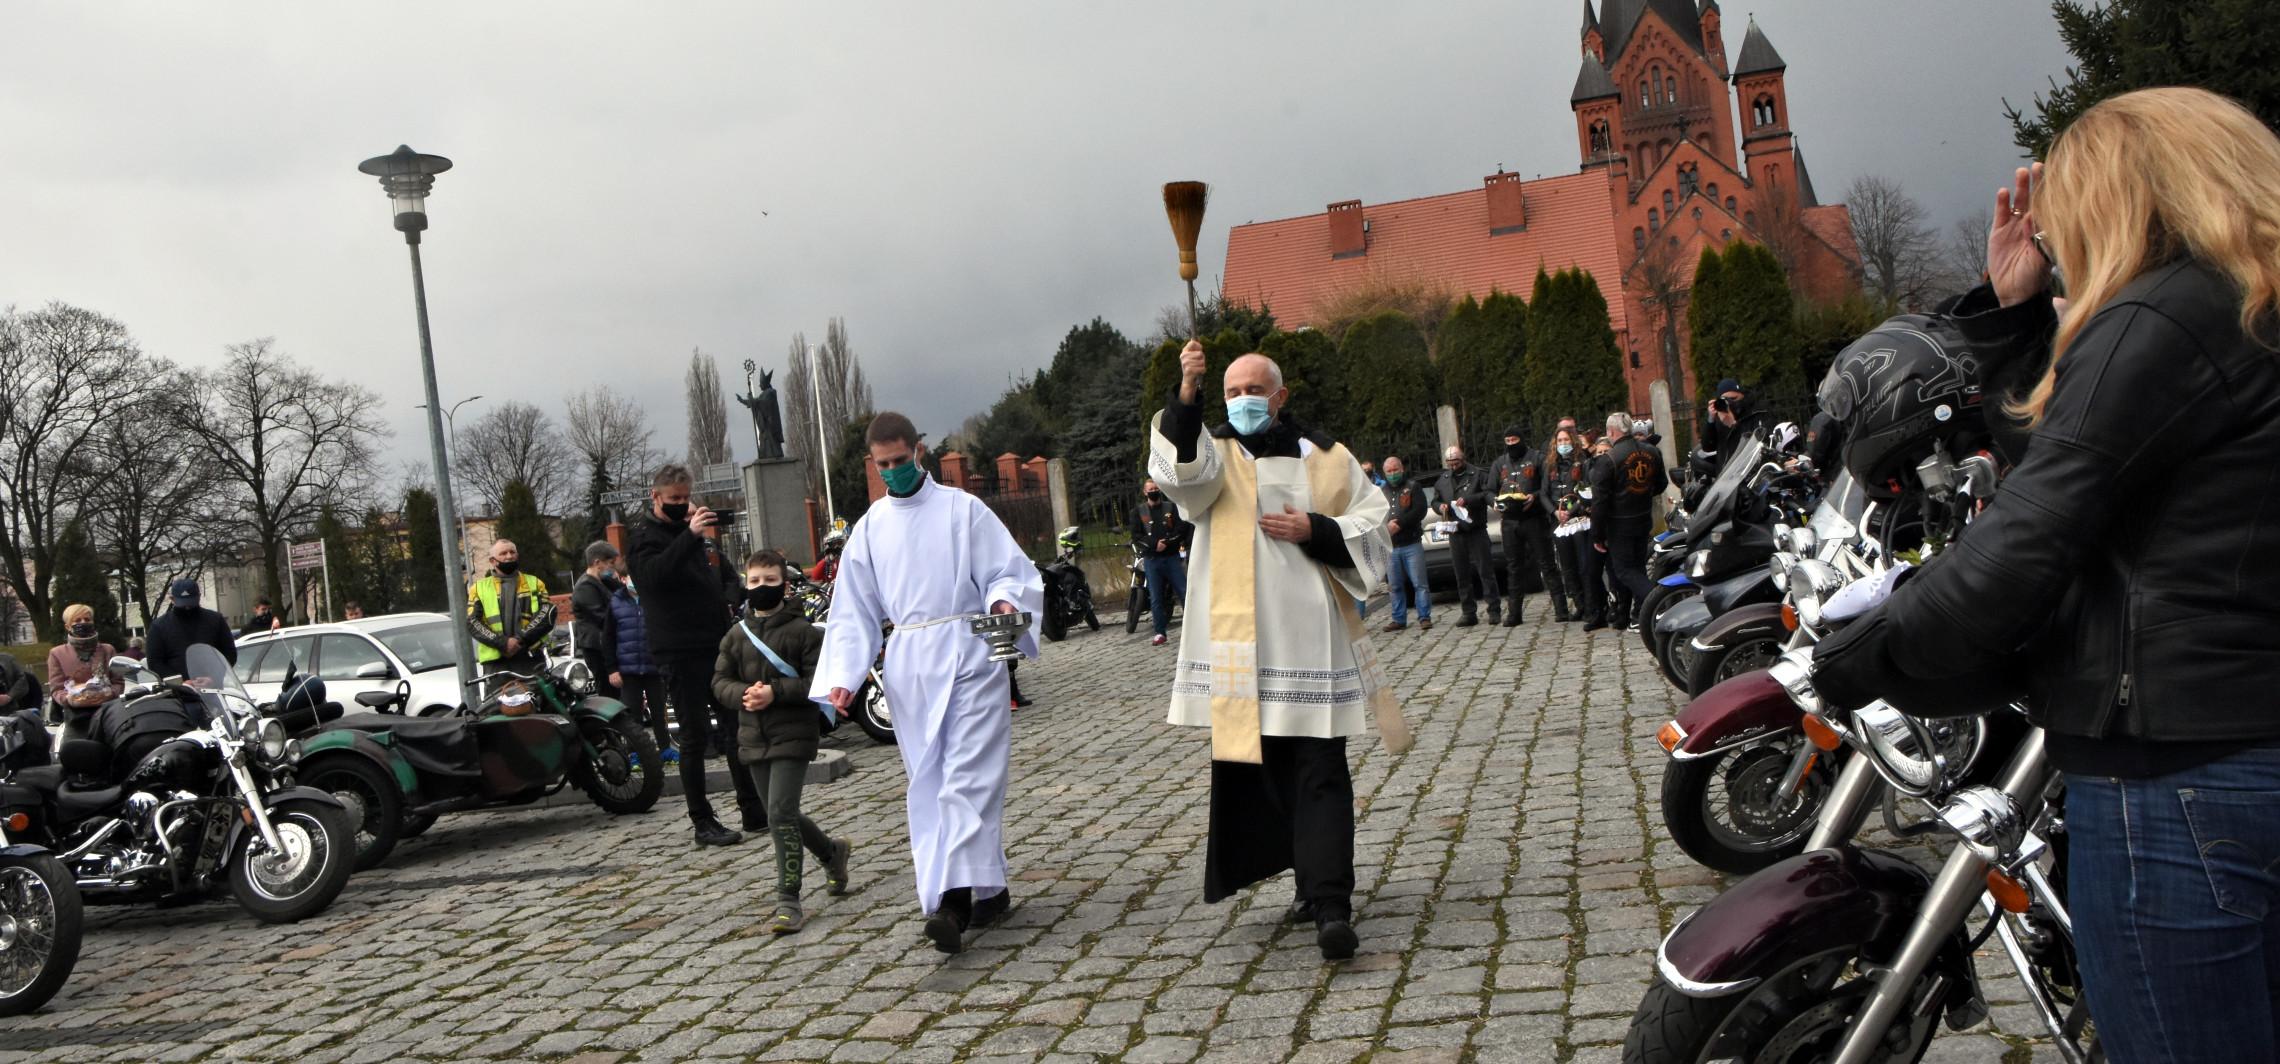 Inowrocław - Ze święconką w kaskach. Wielkanoc motocyklistów